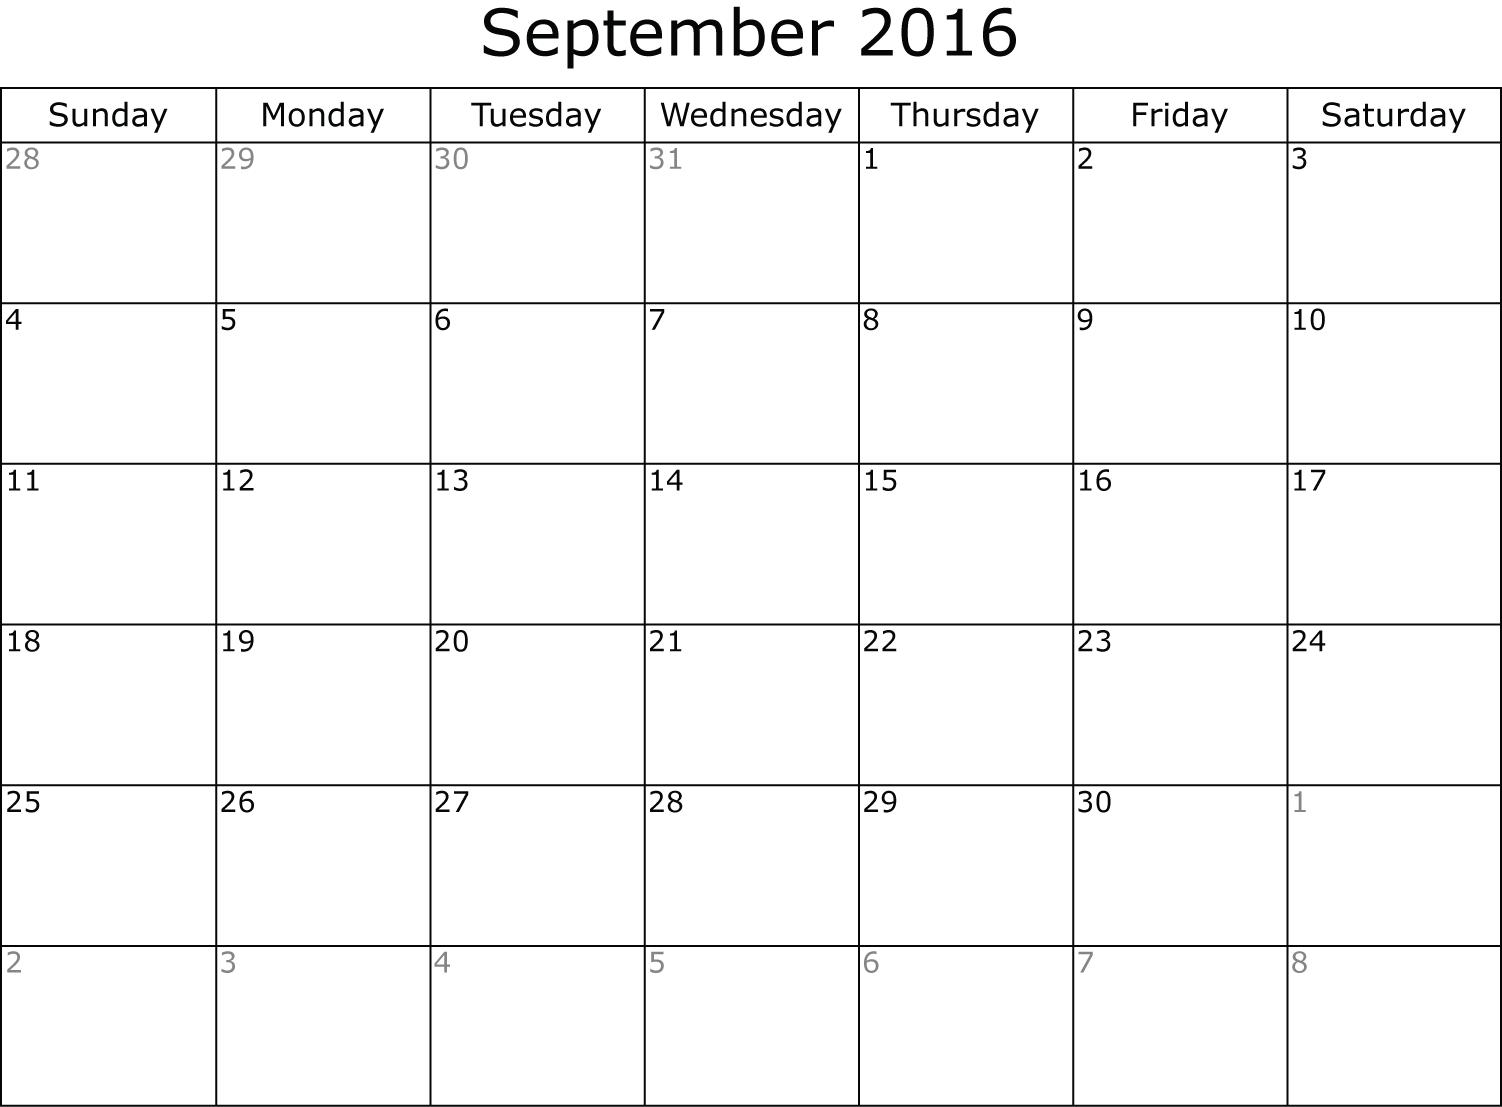 Calendar Planner September : Calendar planner september fotolip rich image